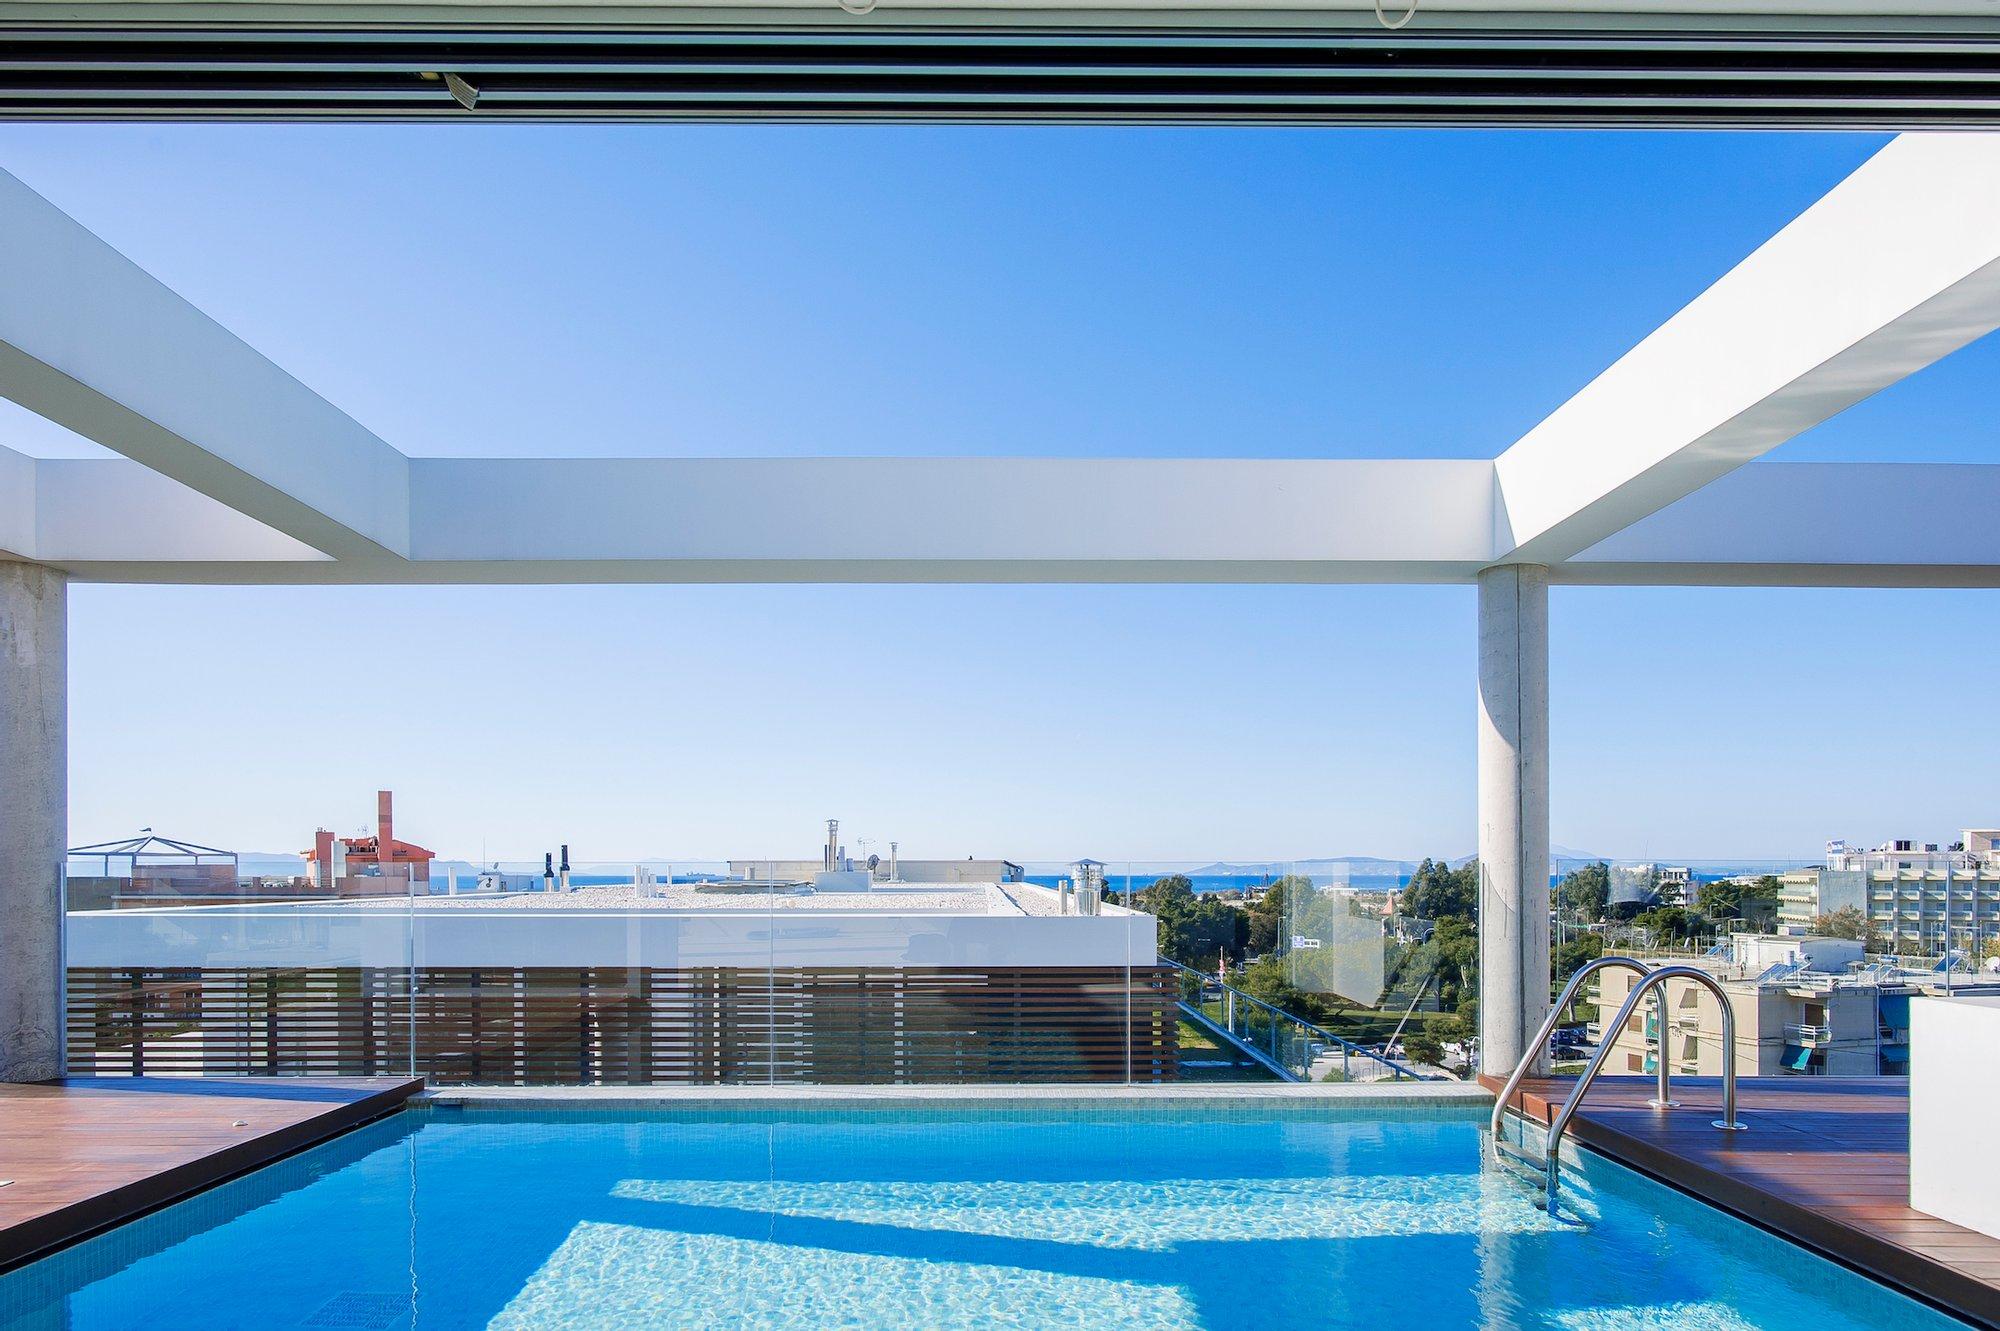 Апартаменты в Глифада, Аттика, Греция 1 - 10824040